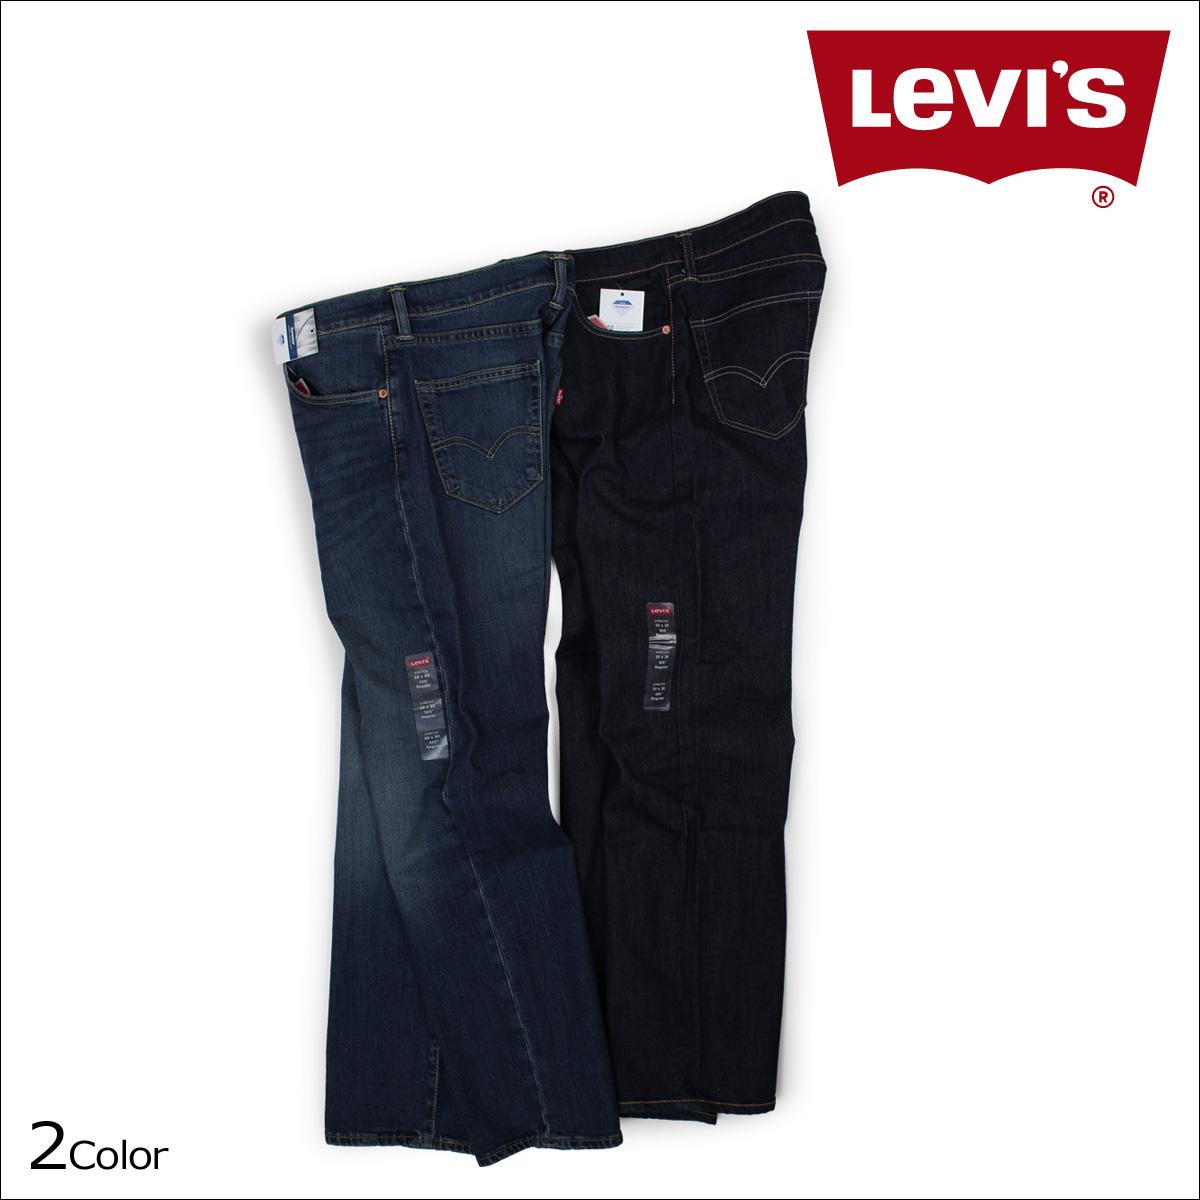 リーバイス 505 LEVIS ストレート メンズ デニム パンツ REGULAR FIT STRAIGHT